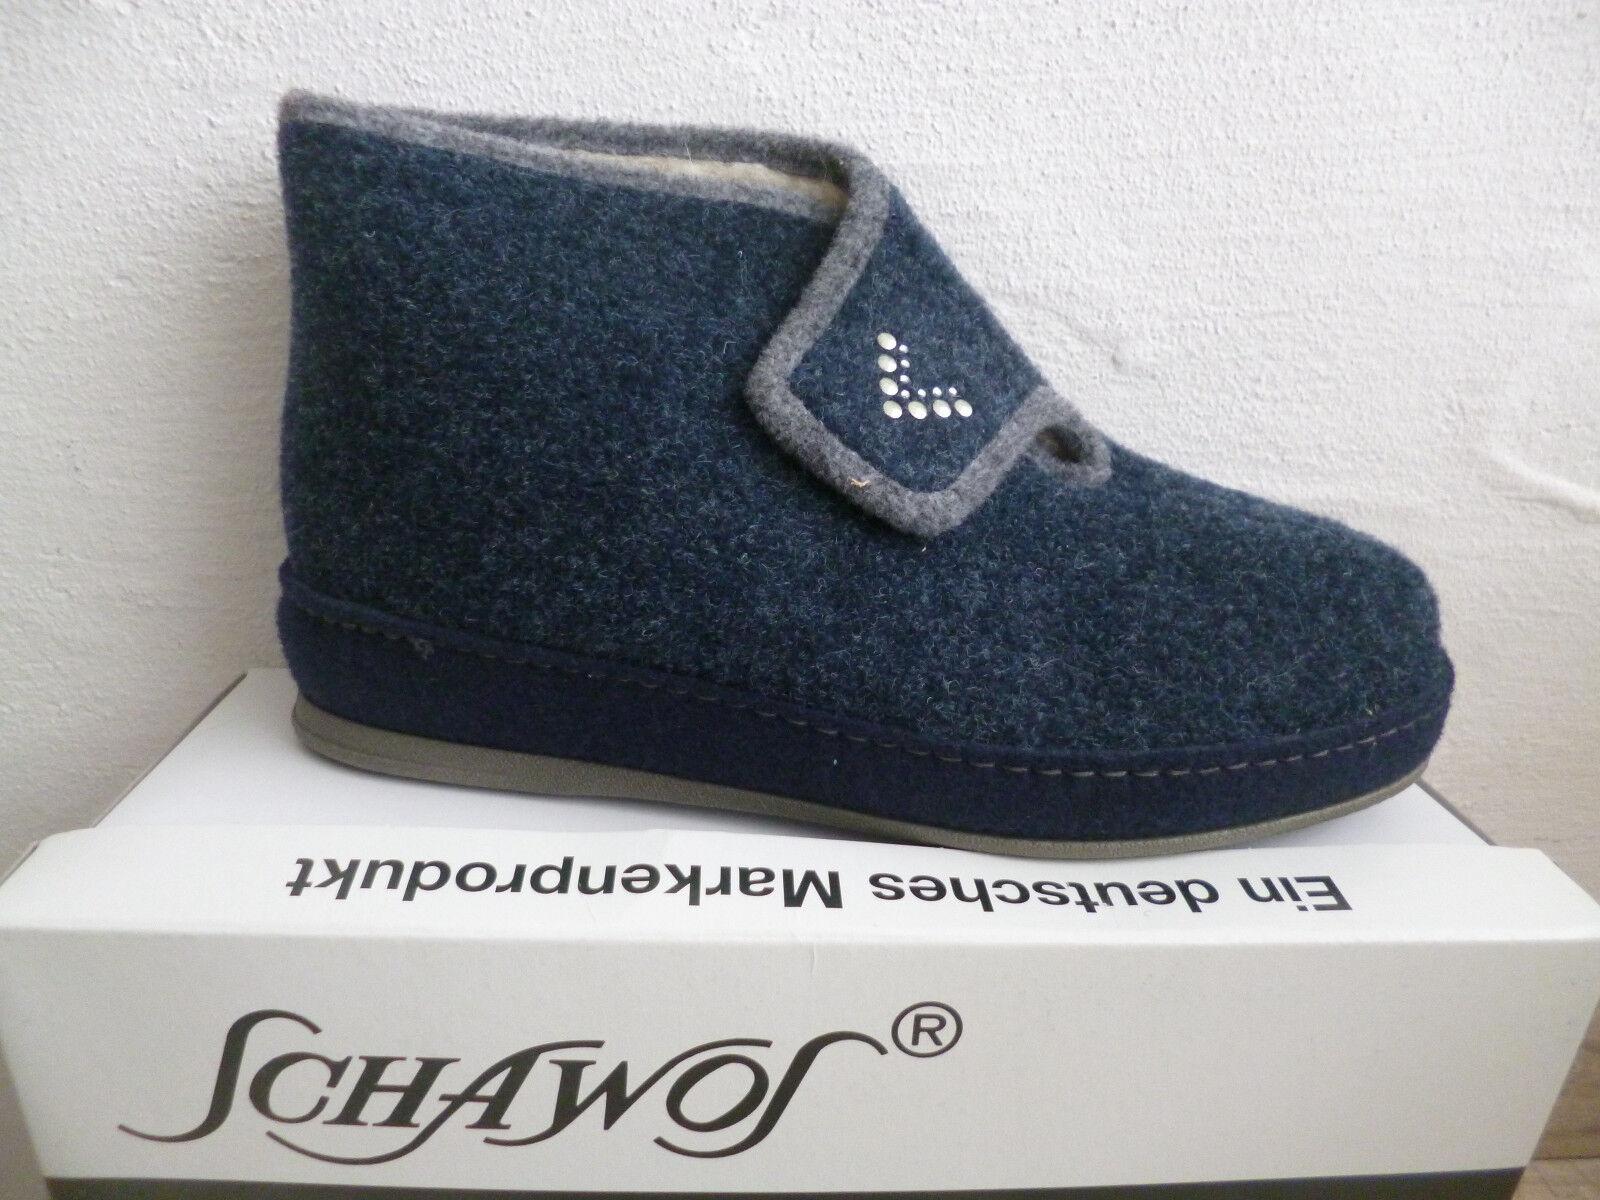 Schawos Pantofole donna blu pantofole ciabatte pantofola sandali blu donna 2060 NUOVO d76dba